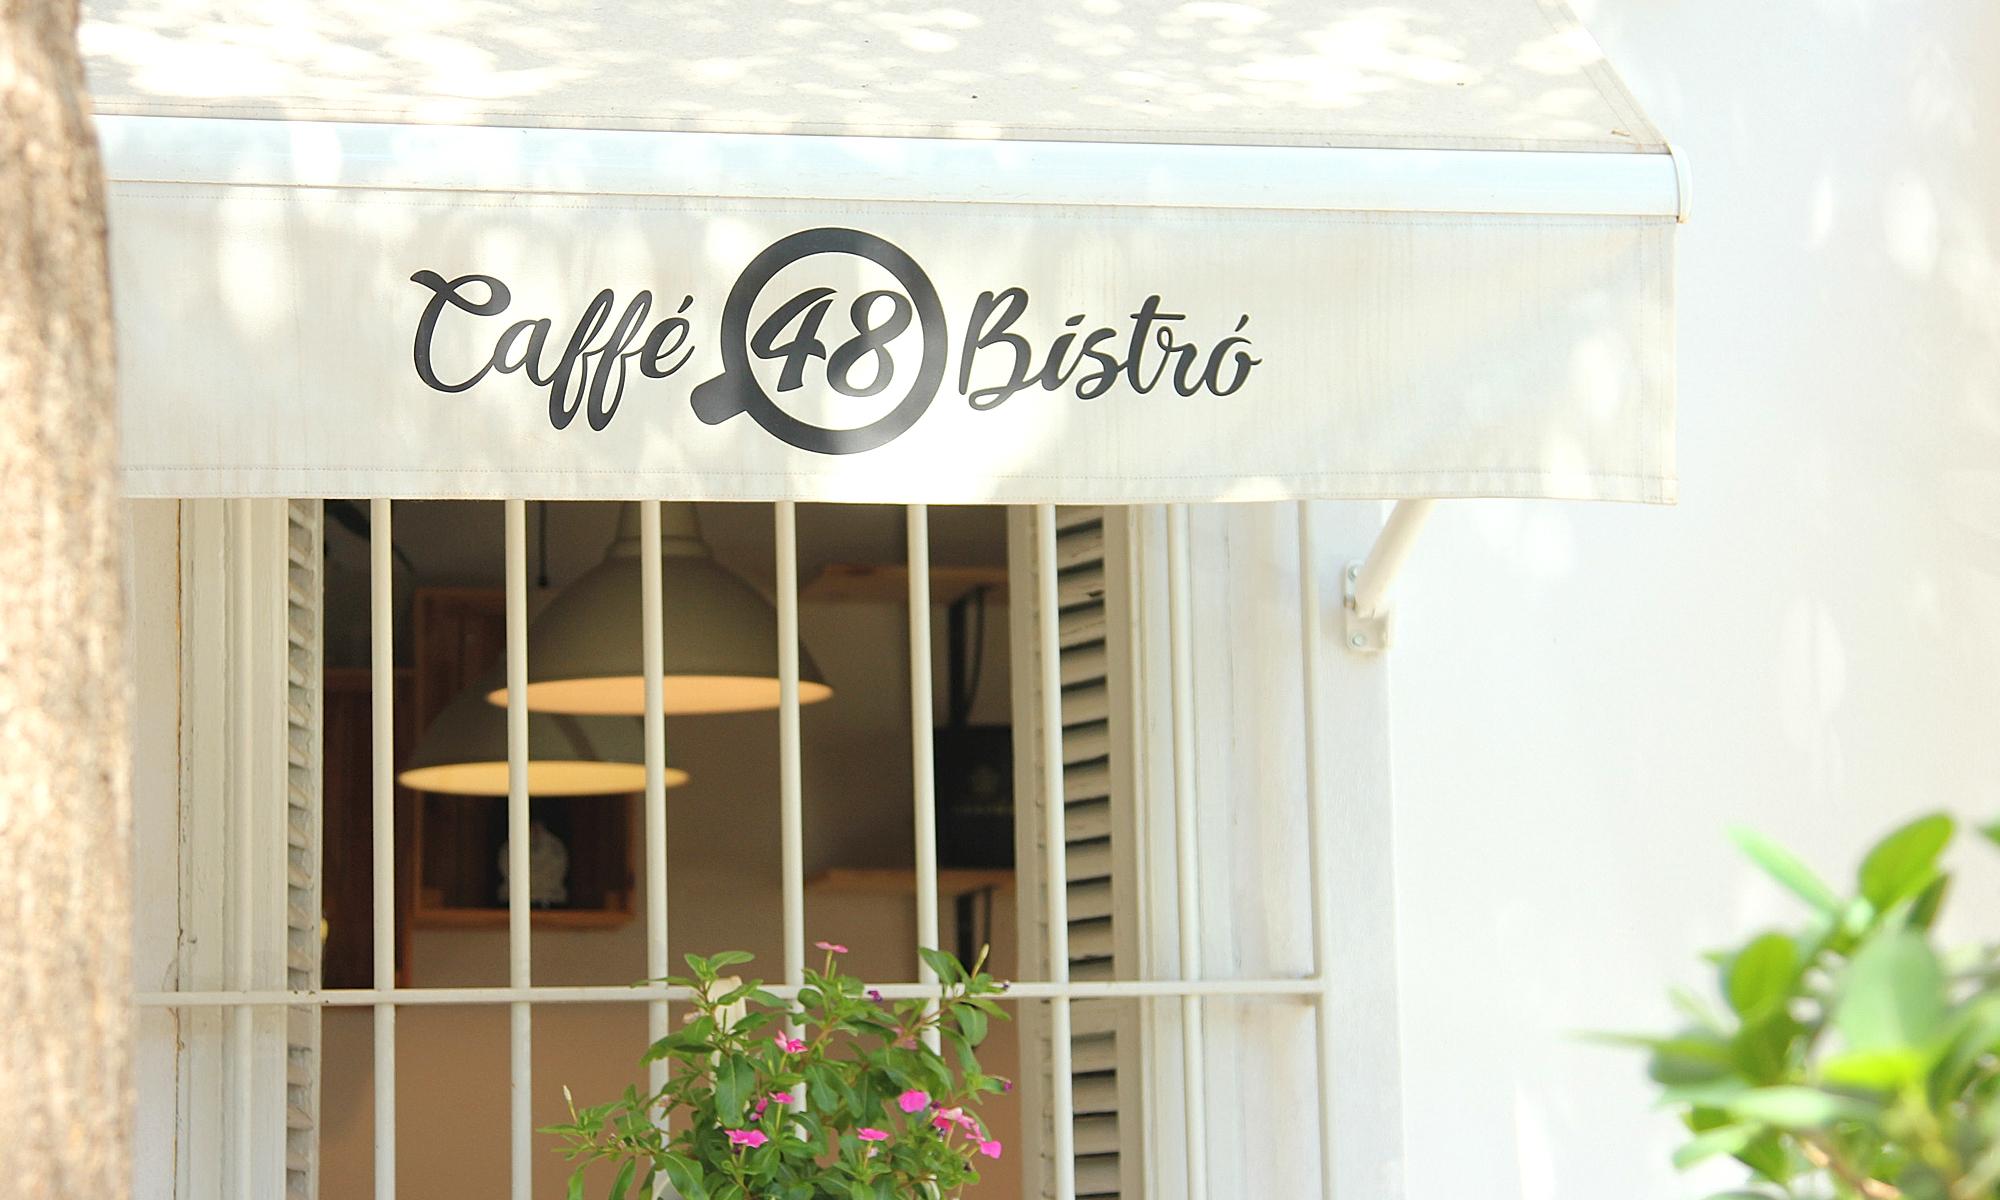 Caffée 48 Bistró